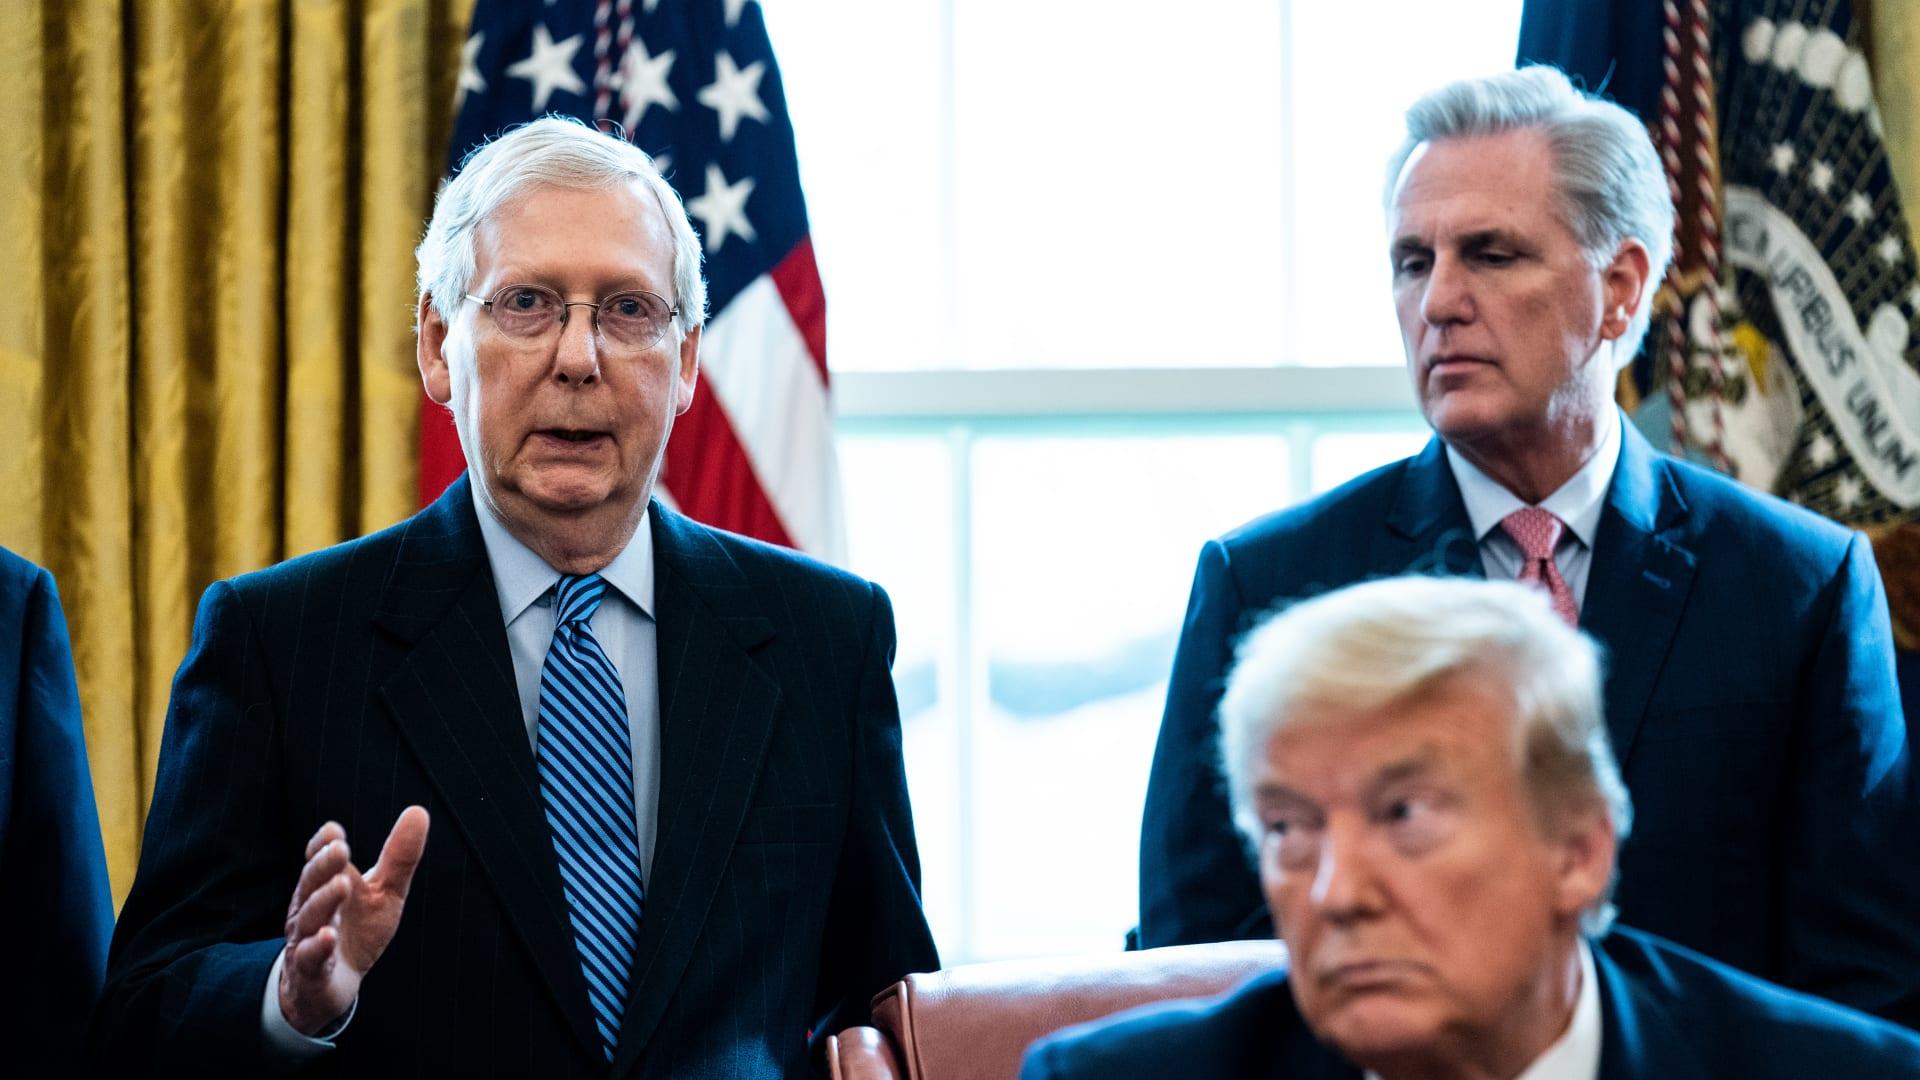 مصادر CNN: لا مساءلة مبكرة لترامب بمجلس الشيوخ.. وجمهوريون يخشون التصويت لعزله